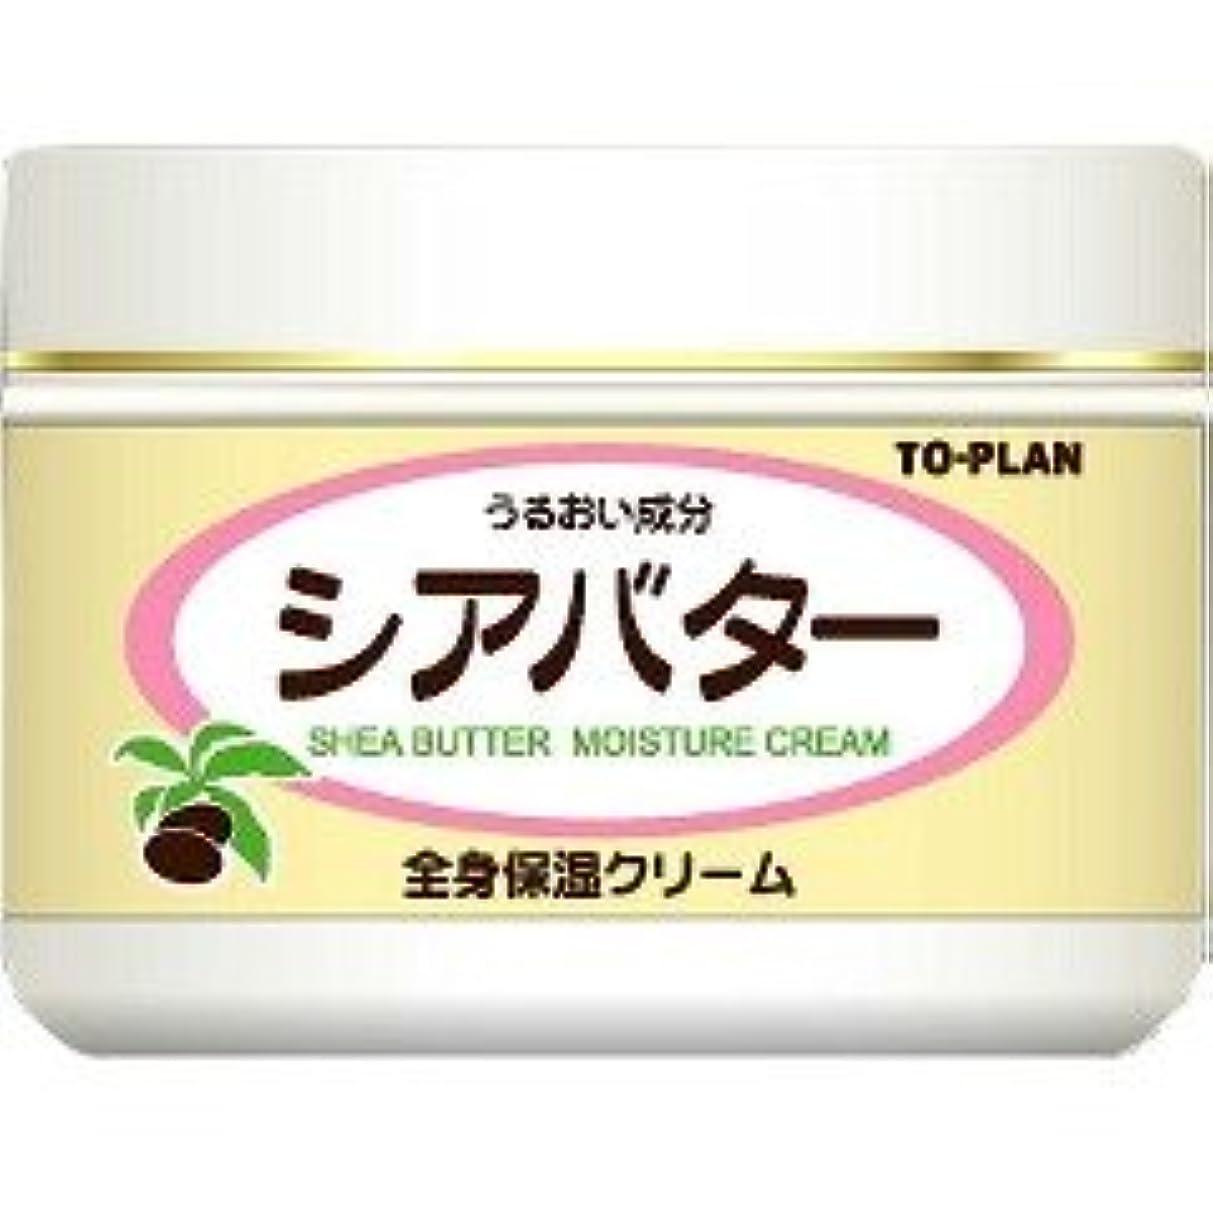 努力する不利食事シアバター全身保湿クリーム 170g